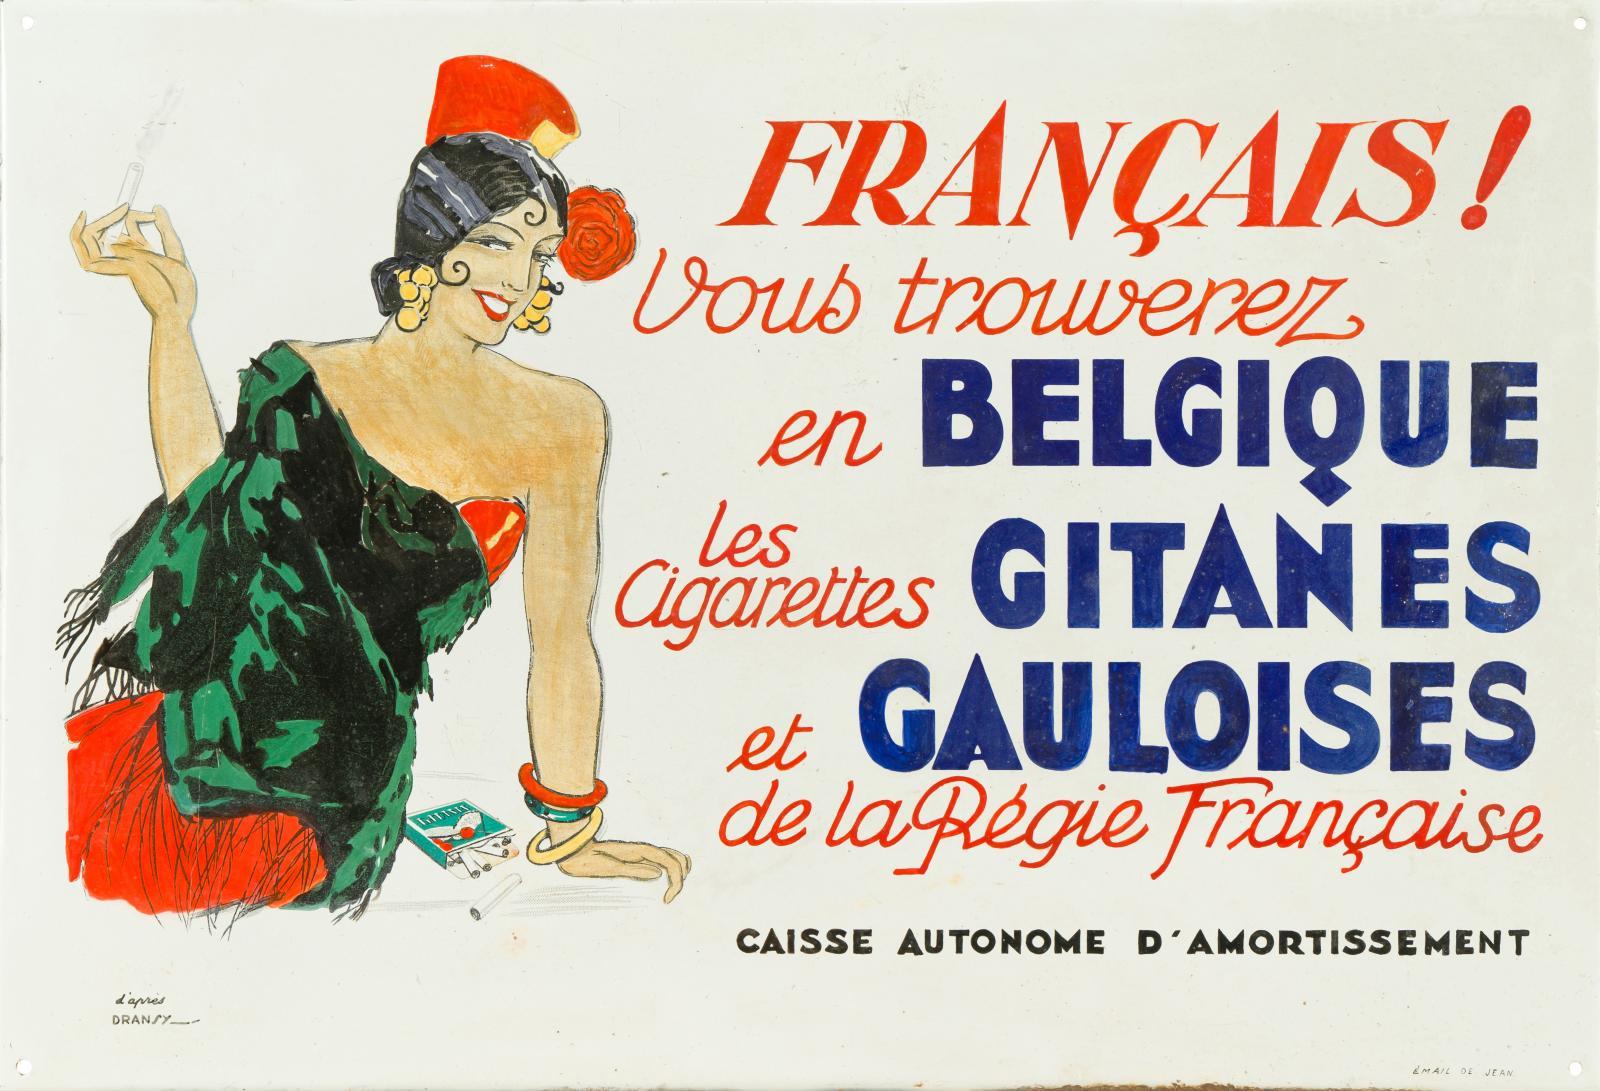 Les Cigarettes Gitanes et Gauloises, d'après Dransy, émaillerie Edmond Jean, vers 1925, 50x73cm. Estimation: 3000/4000€